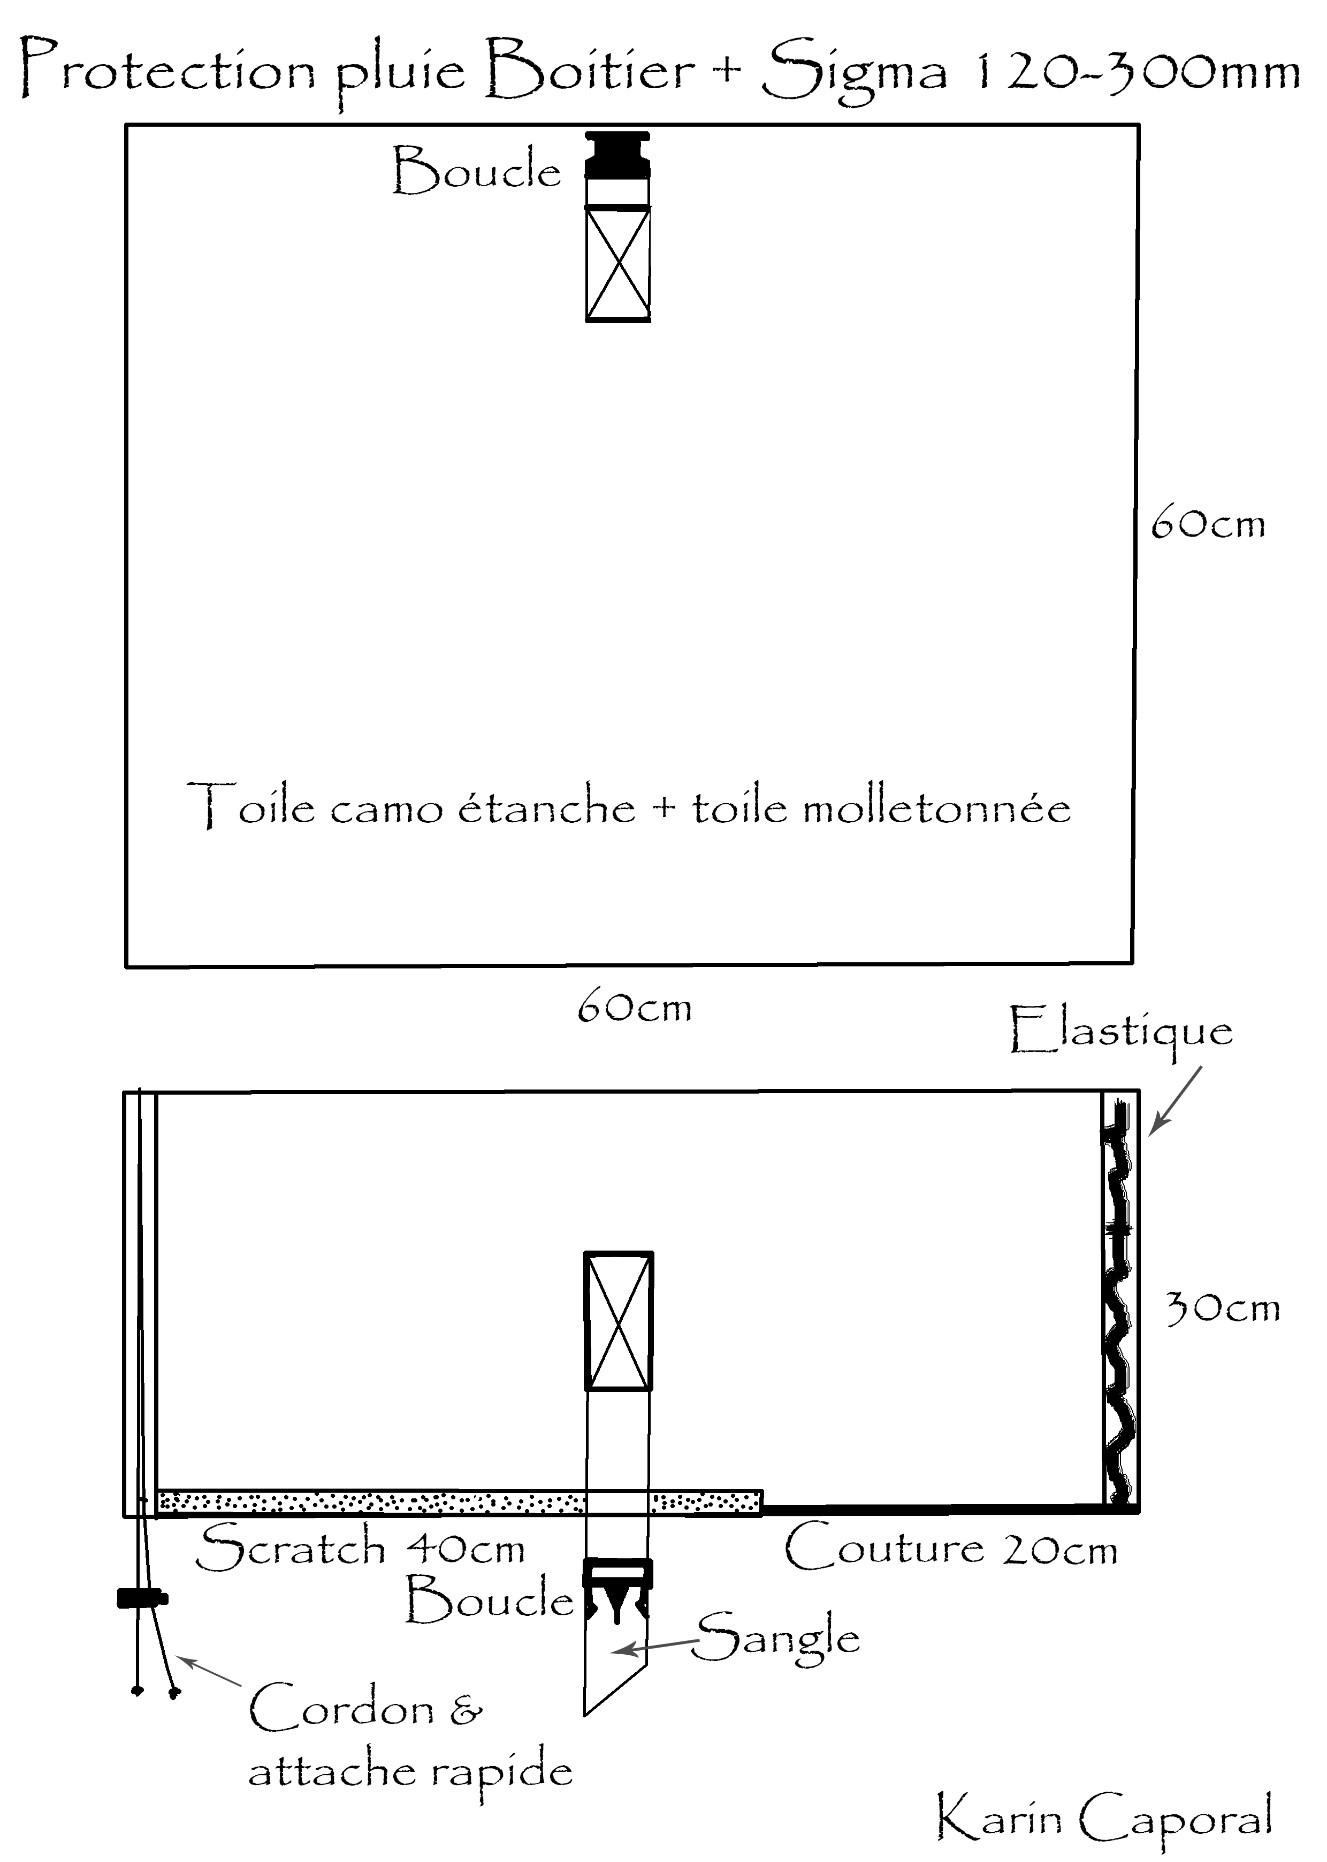 Plan pour la réalisation de la housse